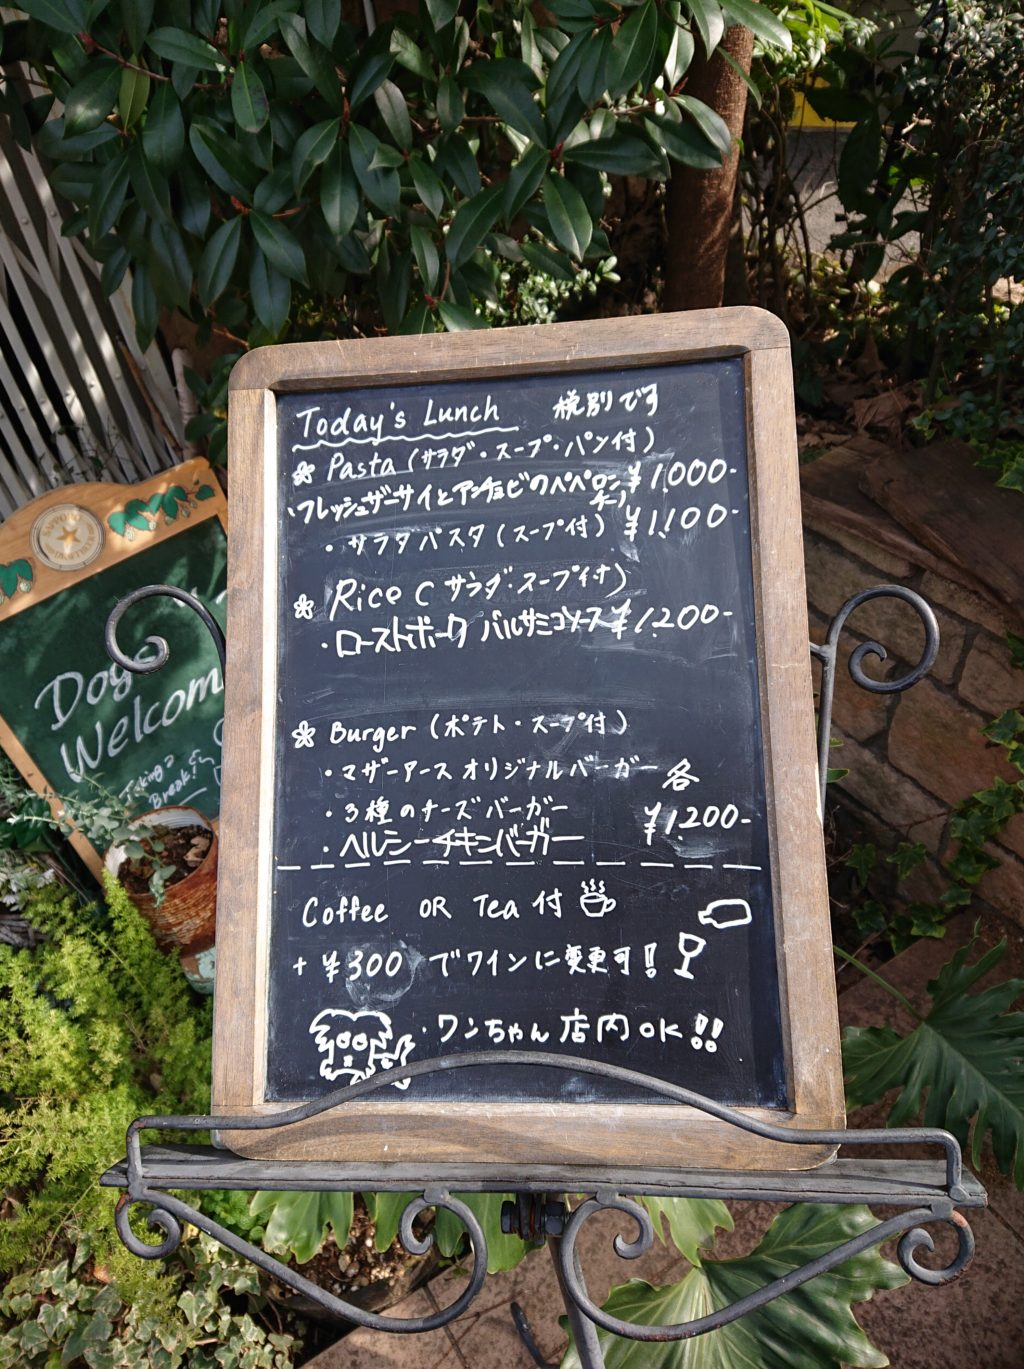 マザー アース カフェ (Mother earth cafe) ランチメニュー